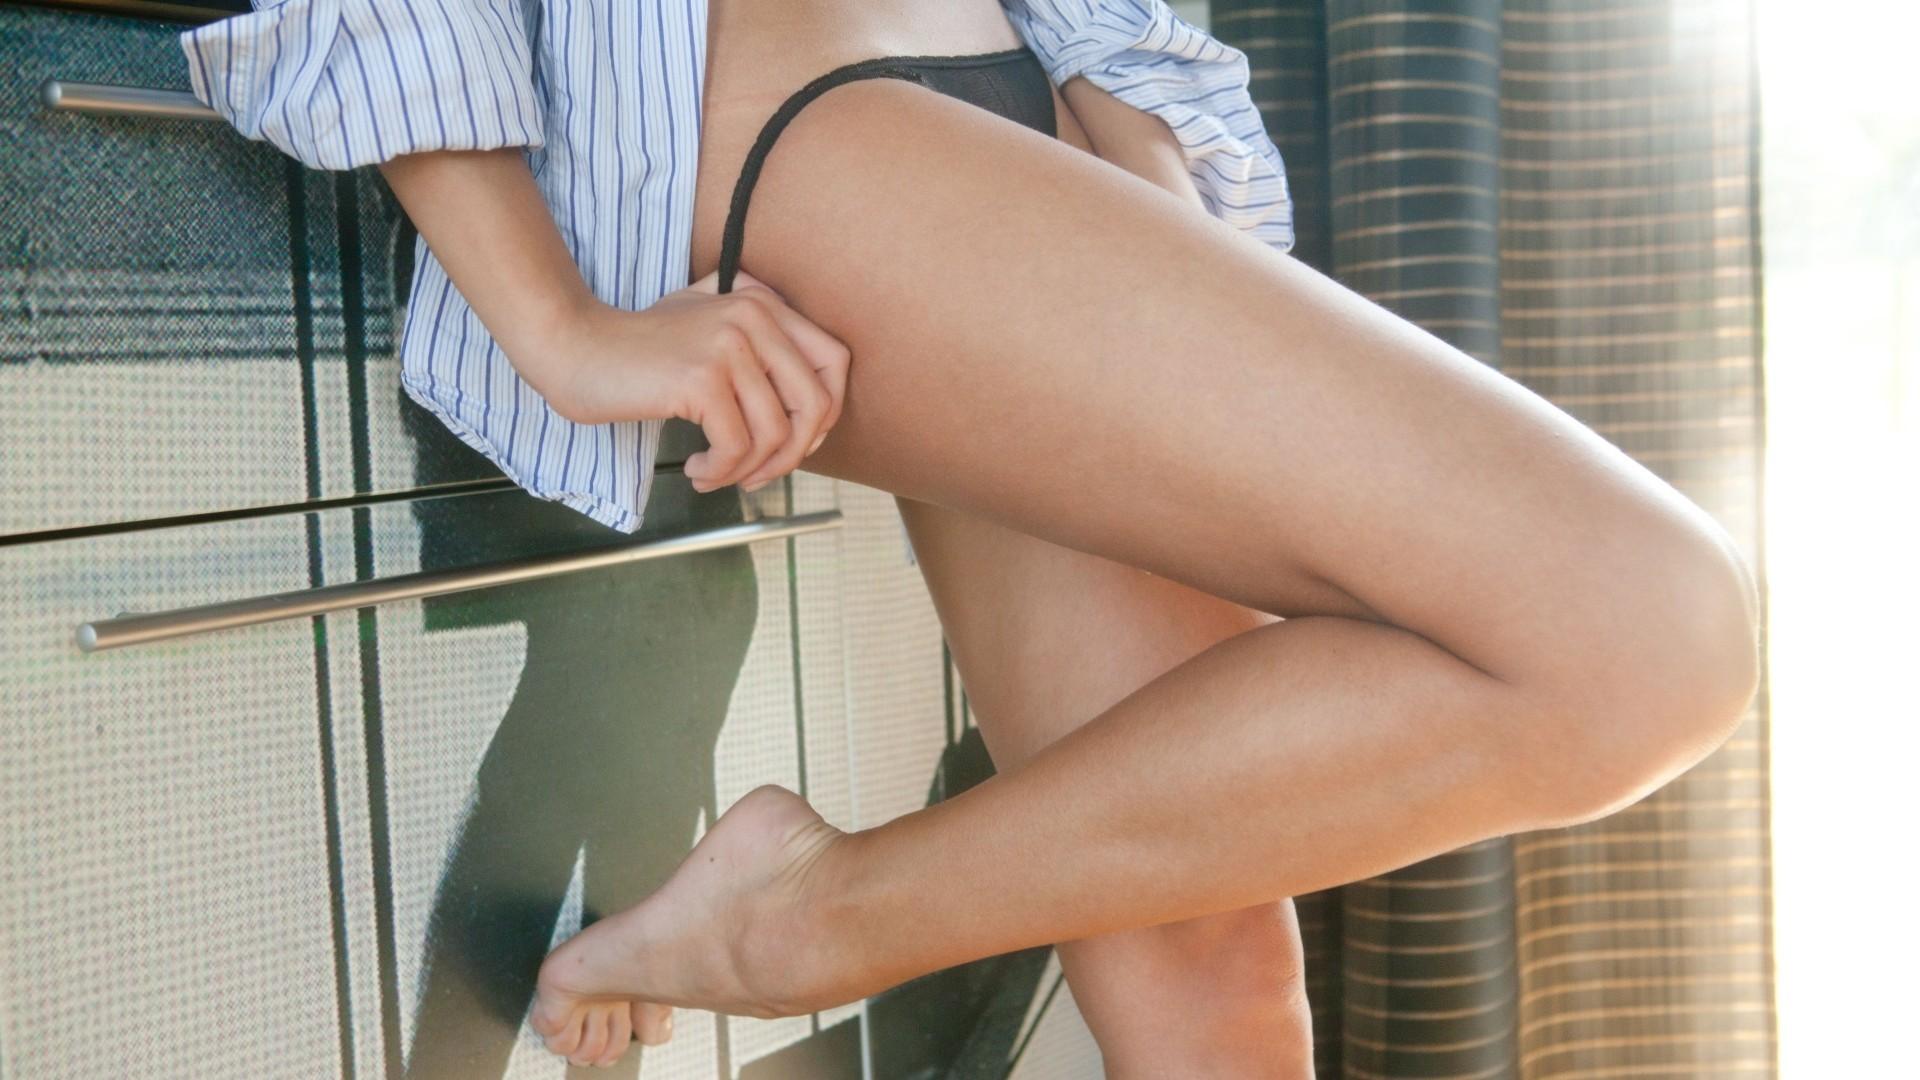 смущенные трусики на ногах фото - 13